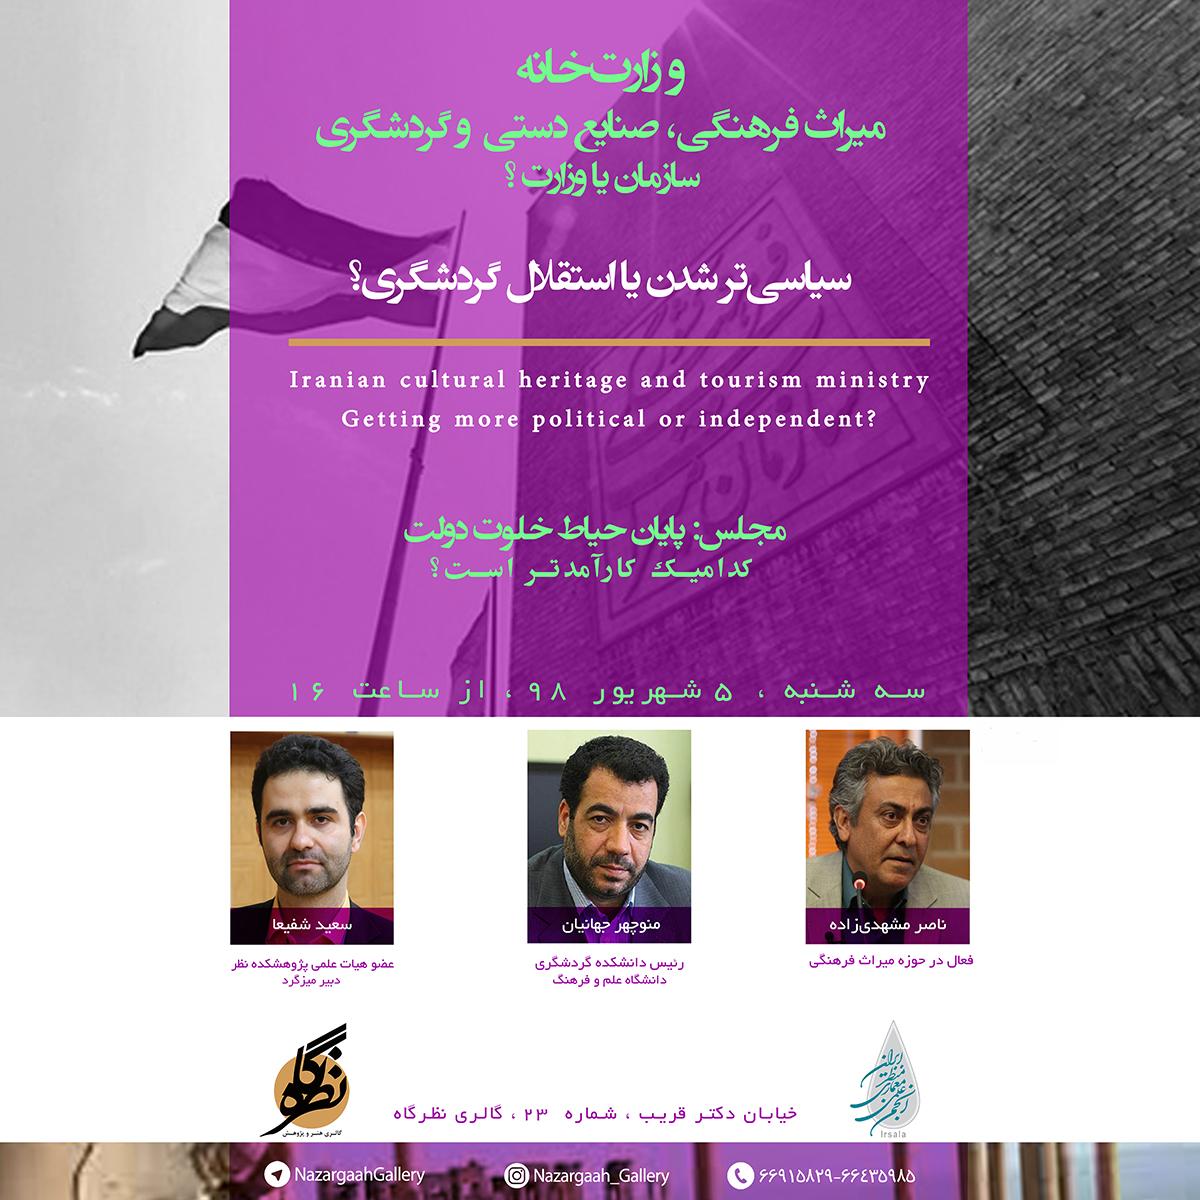 نشست وزارت میراث فرهنگی، صنایع دستی و گردشگری